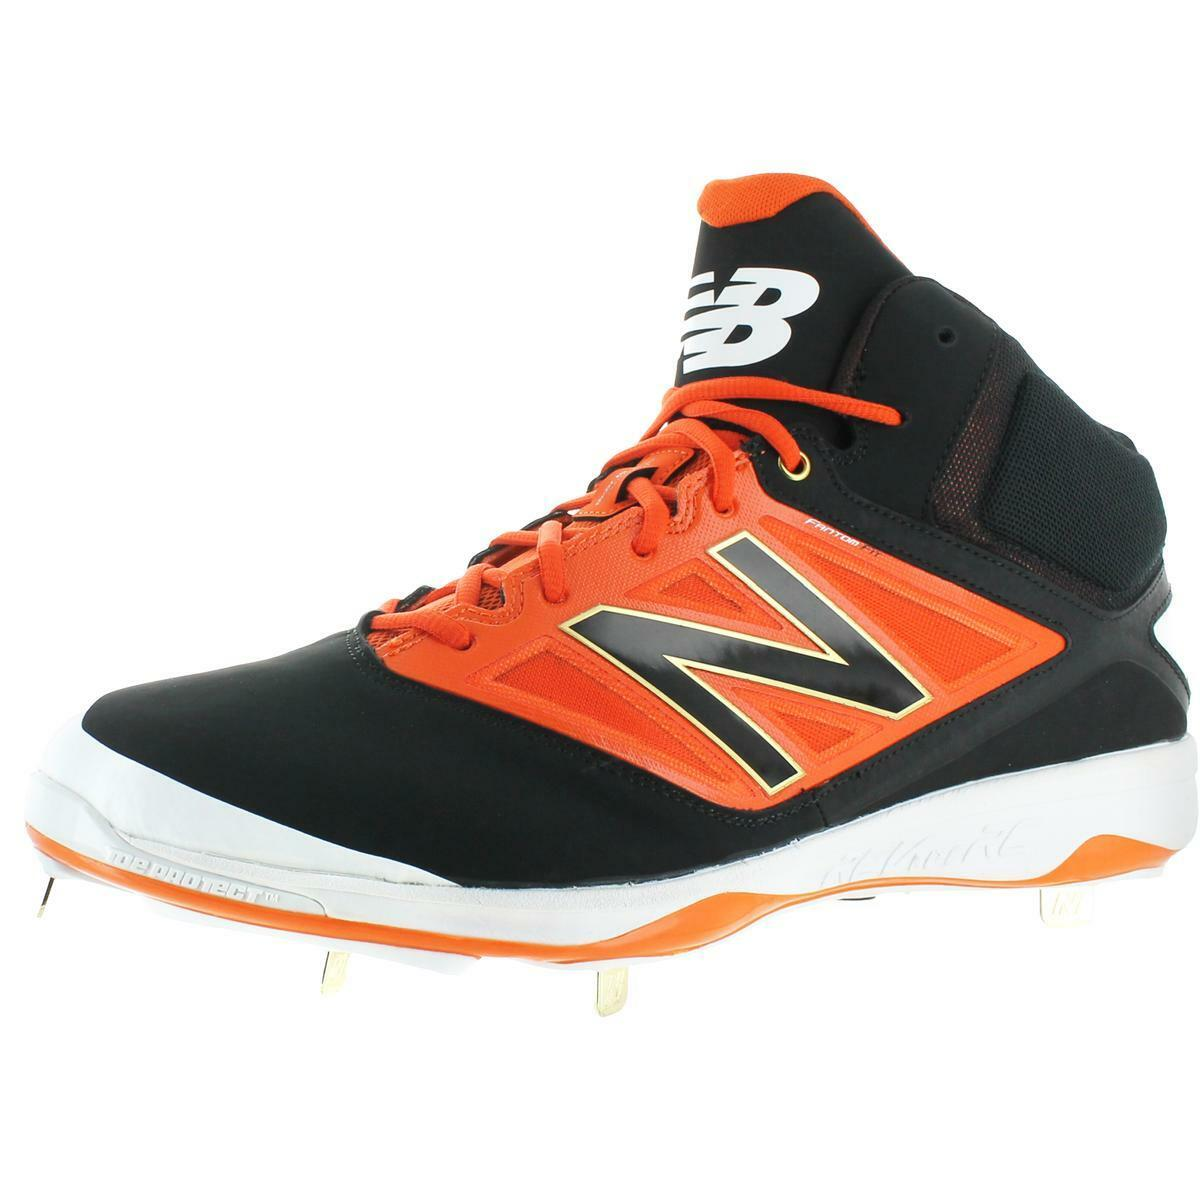 Atlético de béisbol para hombre New Zapatos Balance Con Cordones Botines Zapatos New  BHFO 0741 ed5bbc